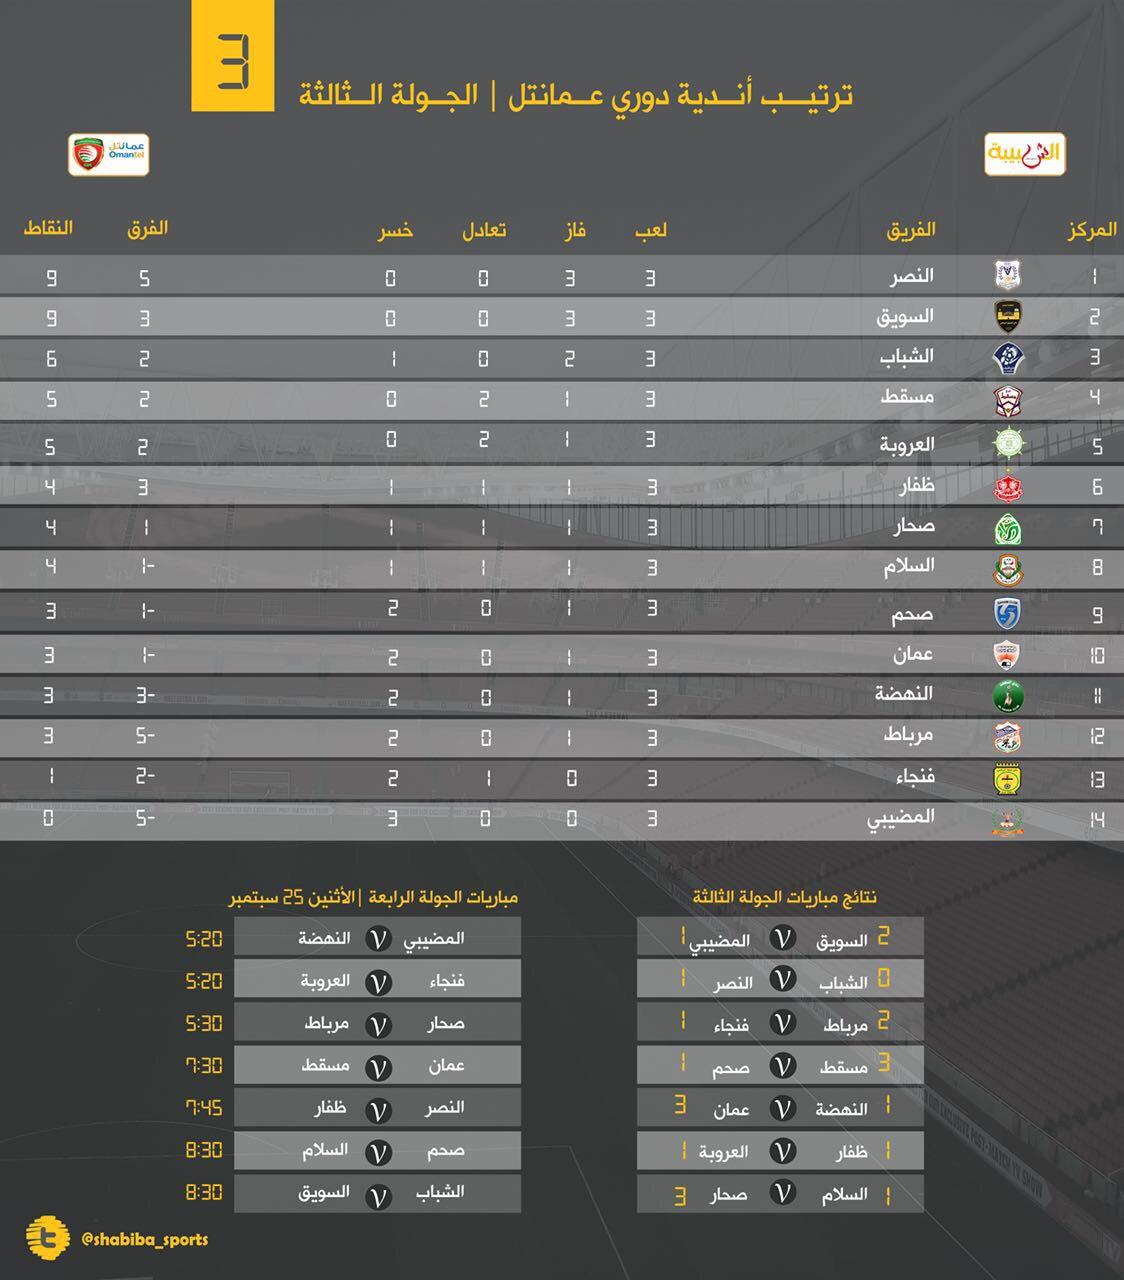 أرقام وأحصائيات من الجولة الثالثة لدوري عمانتل